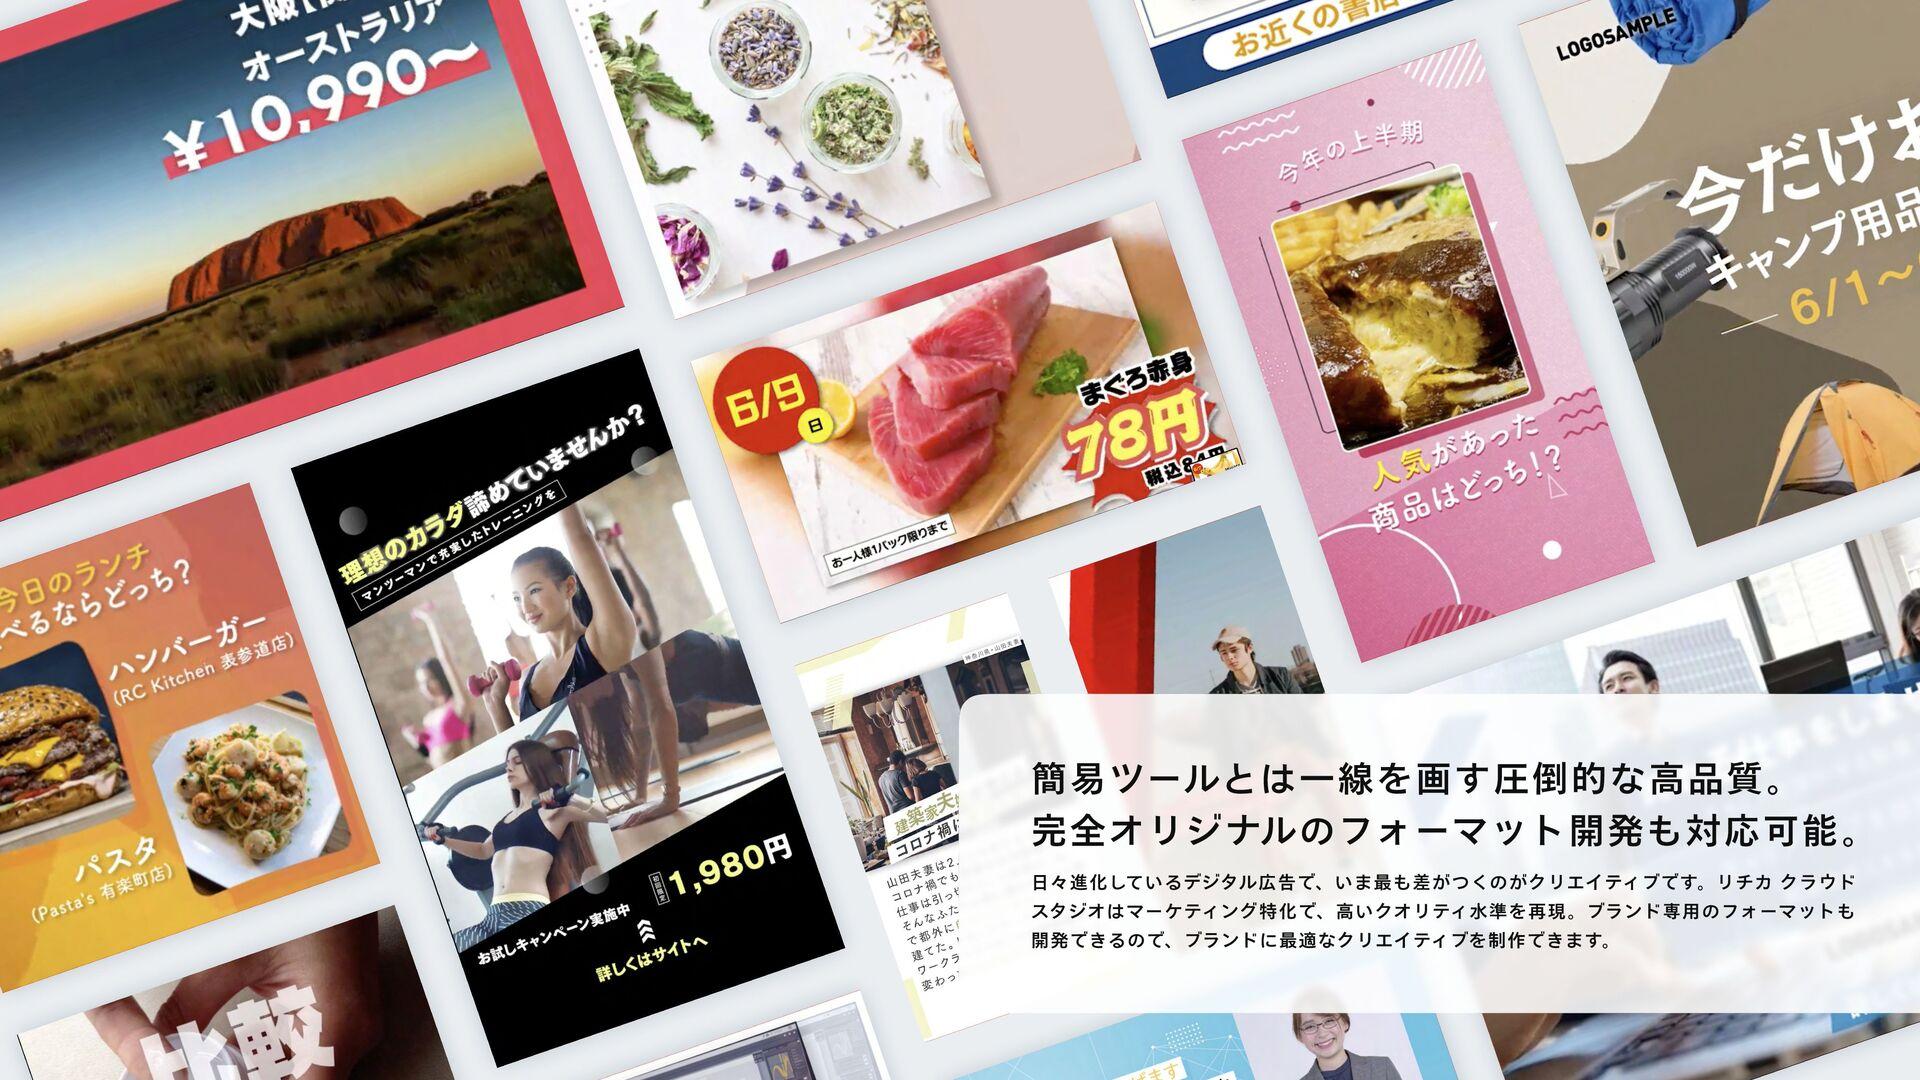 MF Building 3F, 1-6-12 Yoyogi, Shibuya-ku, Toky...